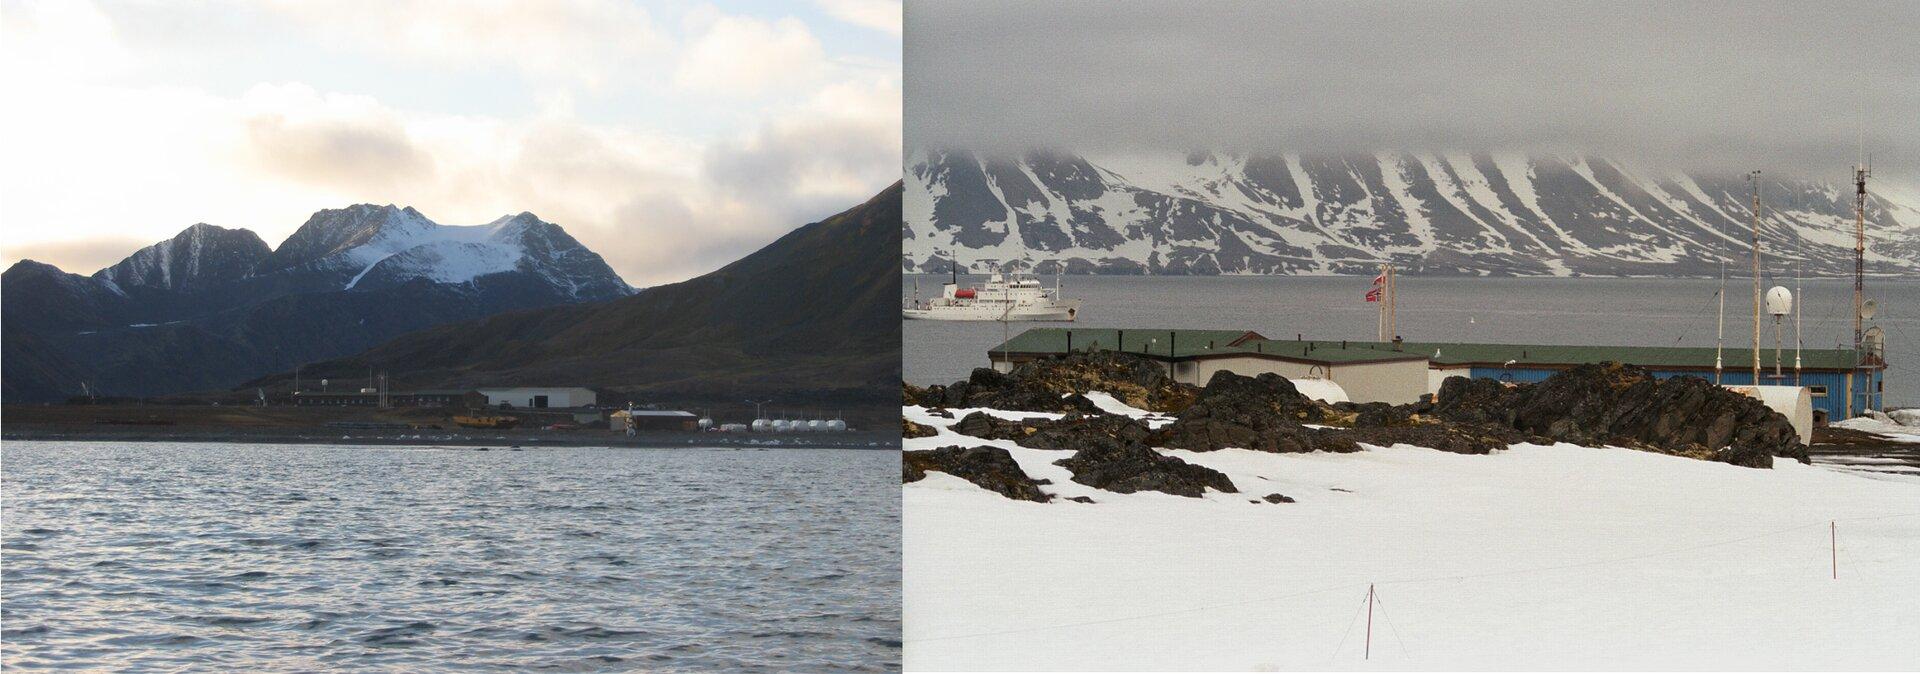 Dwie fotografie prezentują Polską Stację Polarna Hornsund na Spitsbergenie. Fotografia po lewej stronie, to wygląd stacji wlecie. Widoczna falująca woda, dalej na tle brązowych gór niskie budynki. Obok to samo miejsce wzimie. Widoczne duże ilości śniegu oraz niskie budynki stacji.